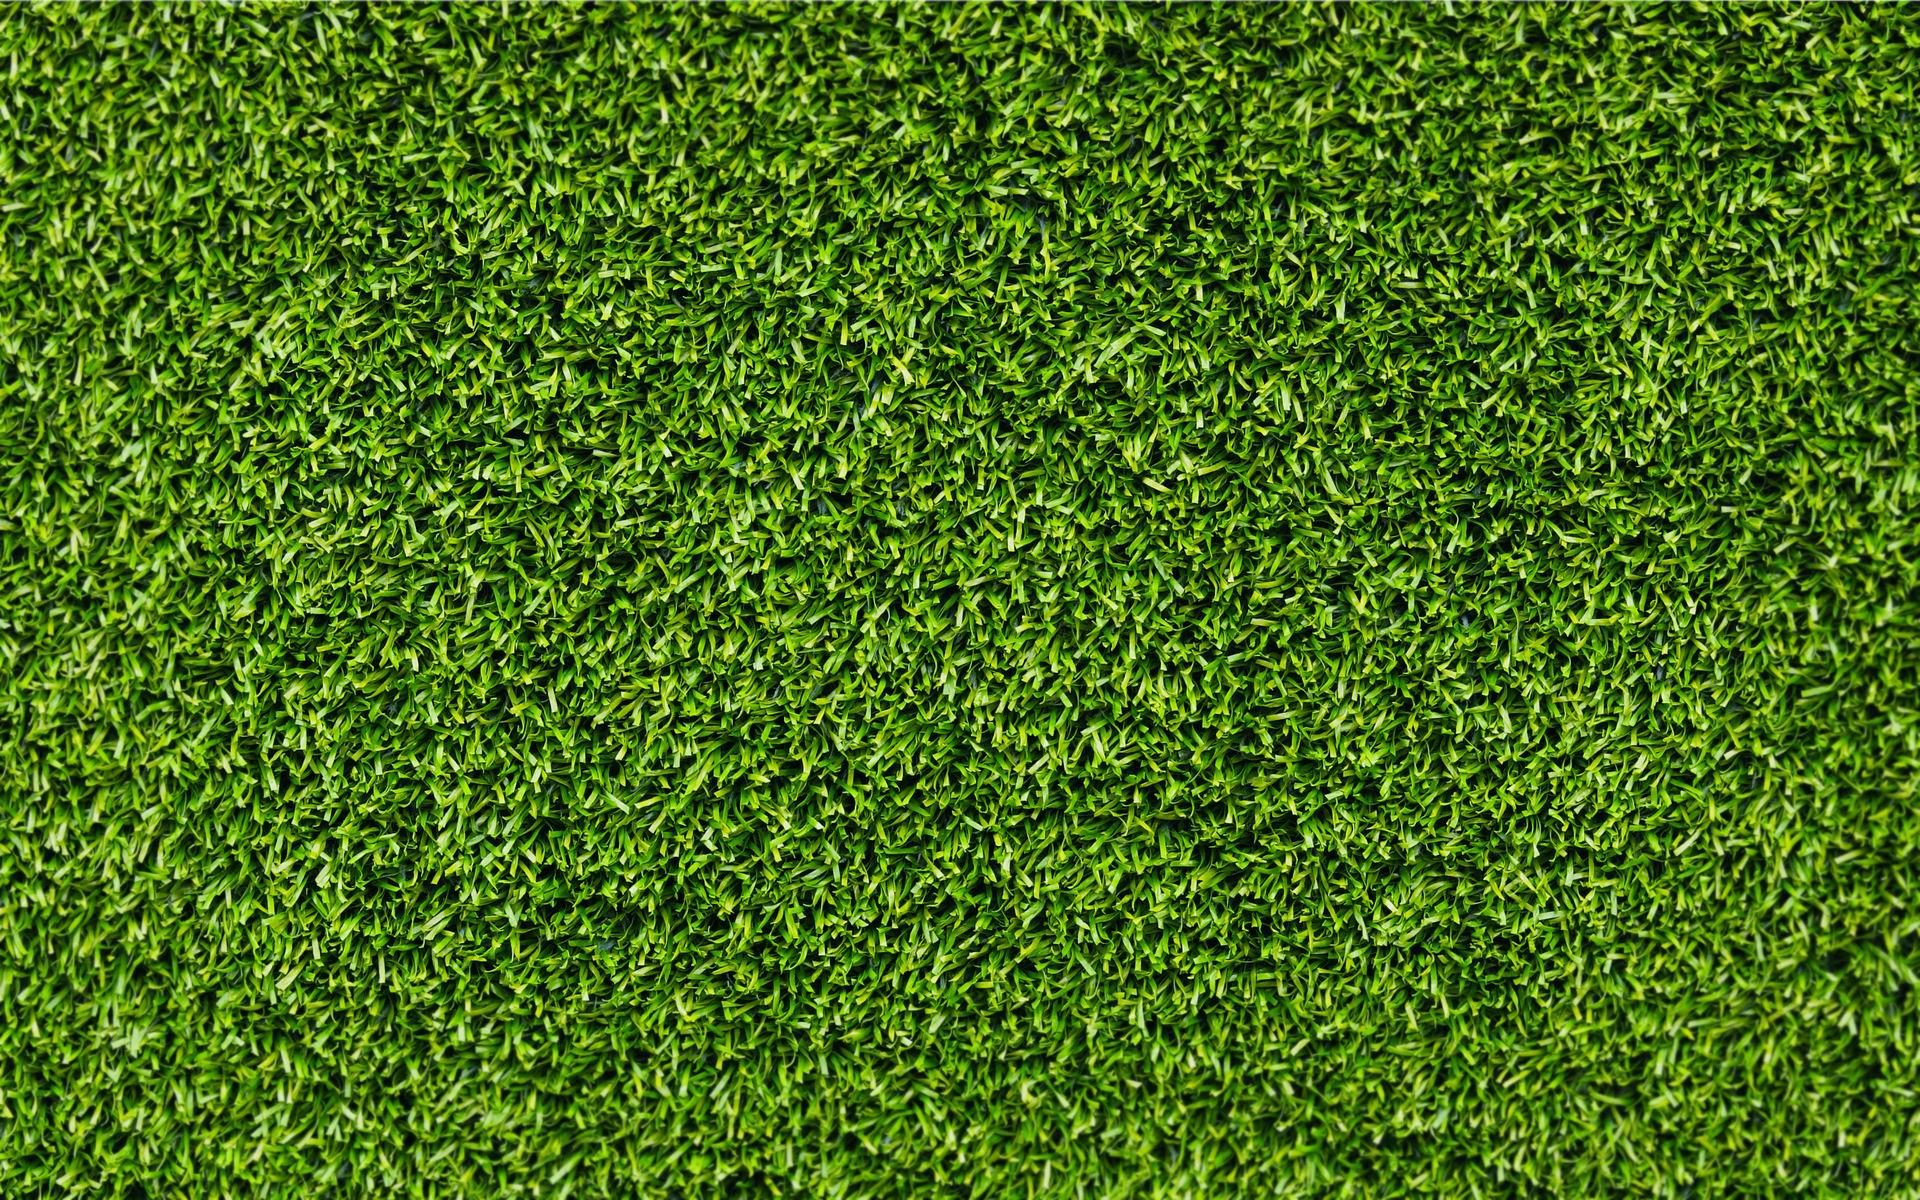 фон трава зеленая, текстура, обои на рабочий стол, фото для дизайна